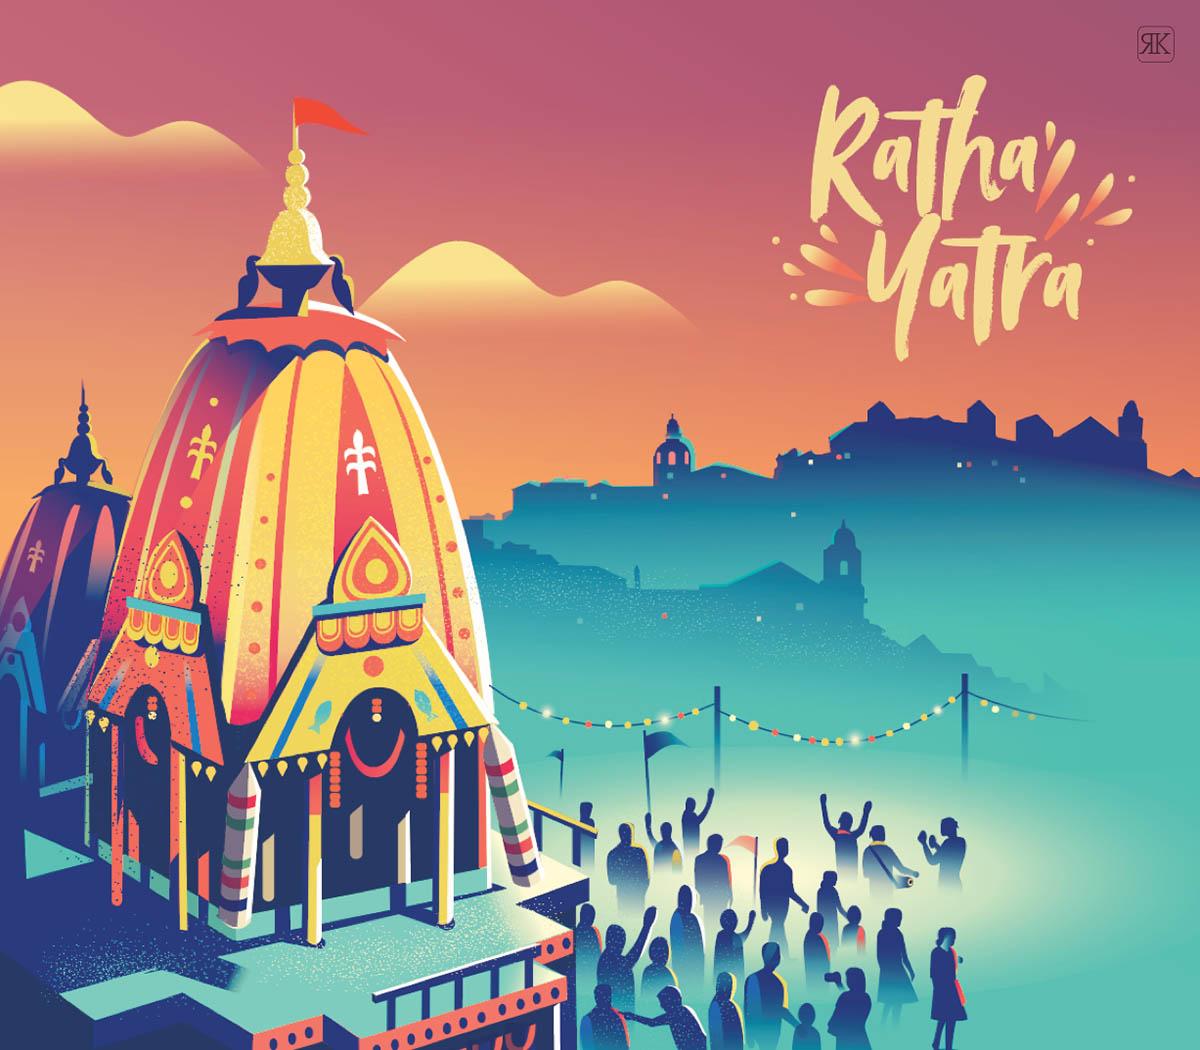 digital illustration rath yatra by ranganath krishnamani